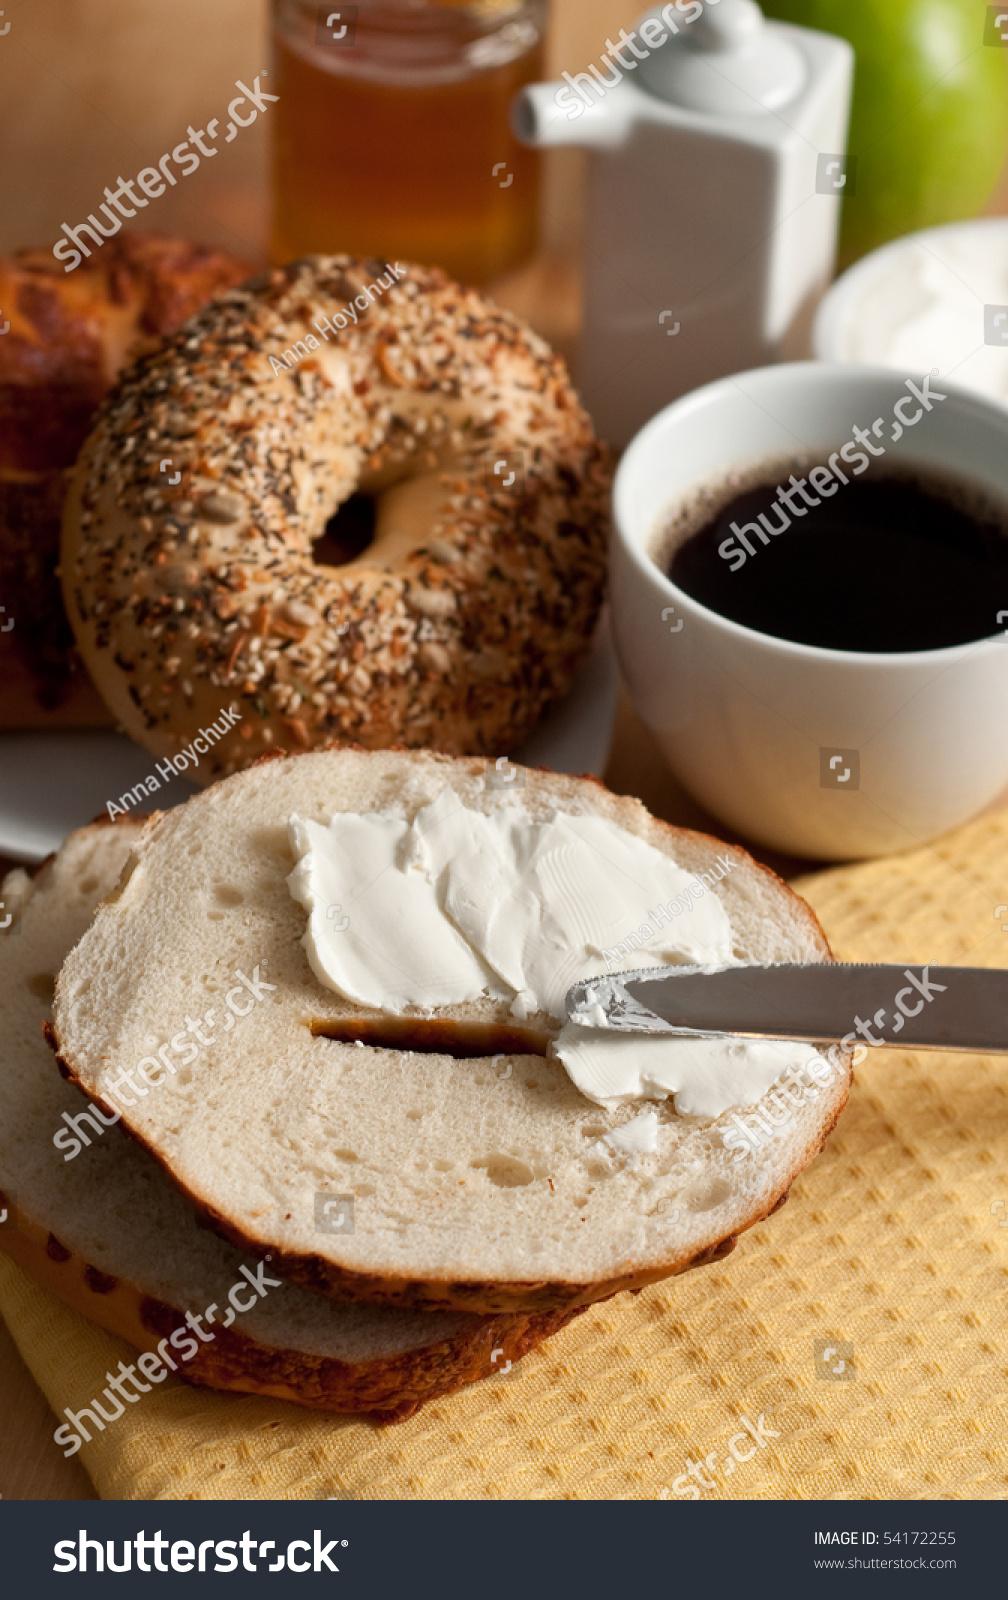 Bagel Cream Cheese Coffee Stock Photo 54172255 - Shutterstock